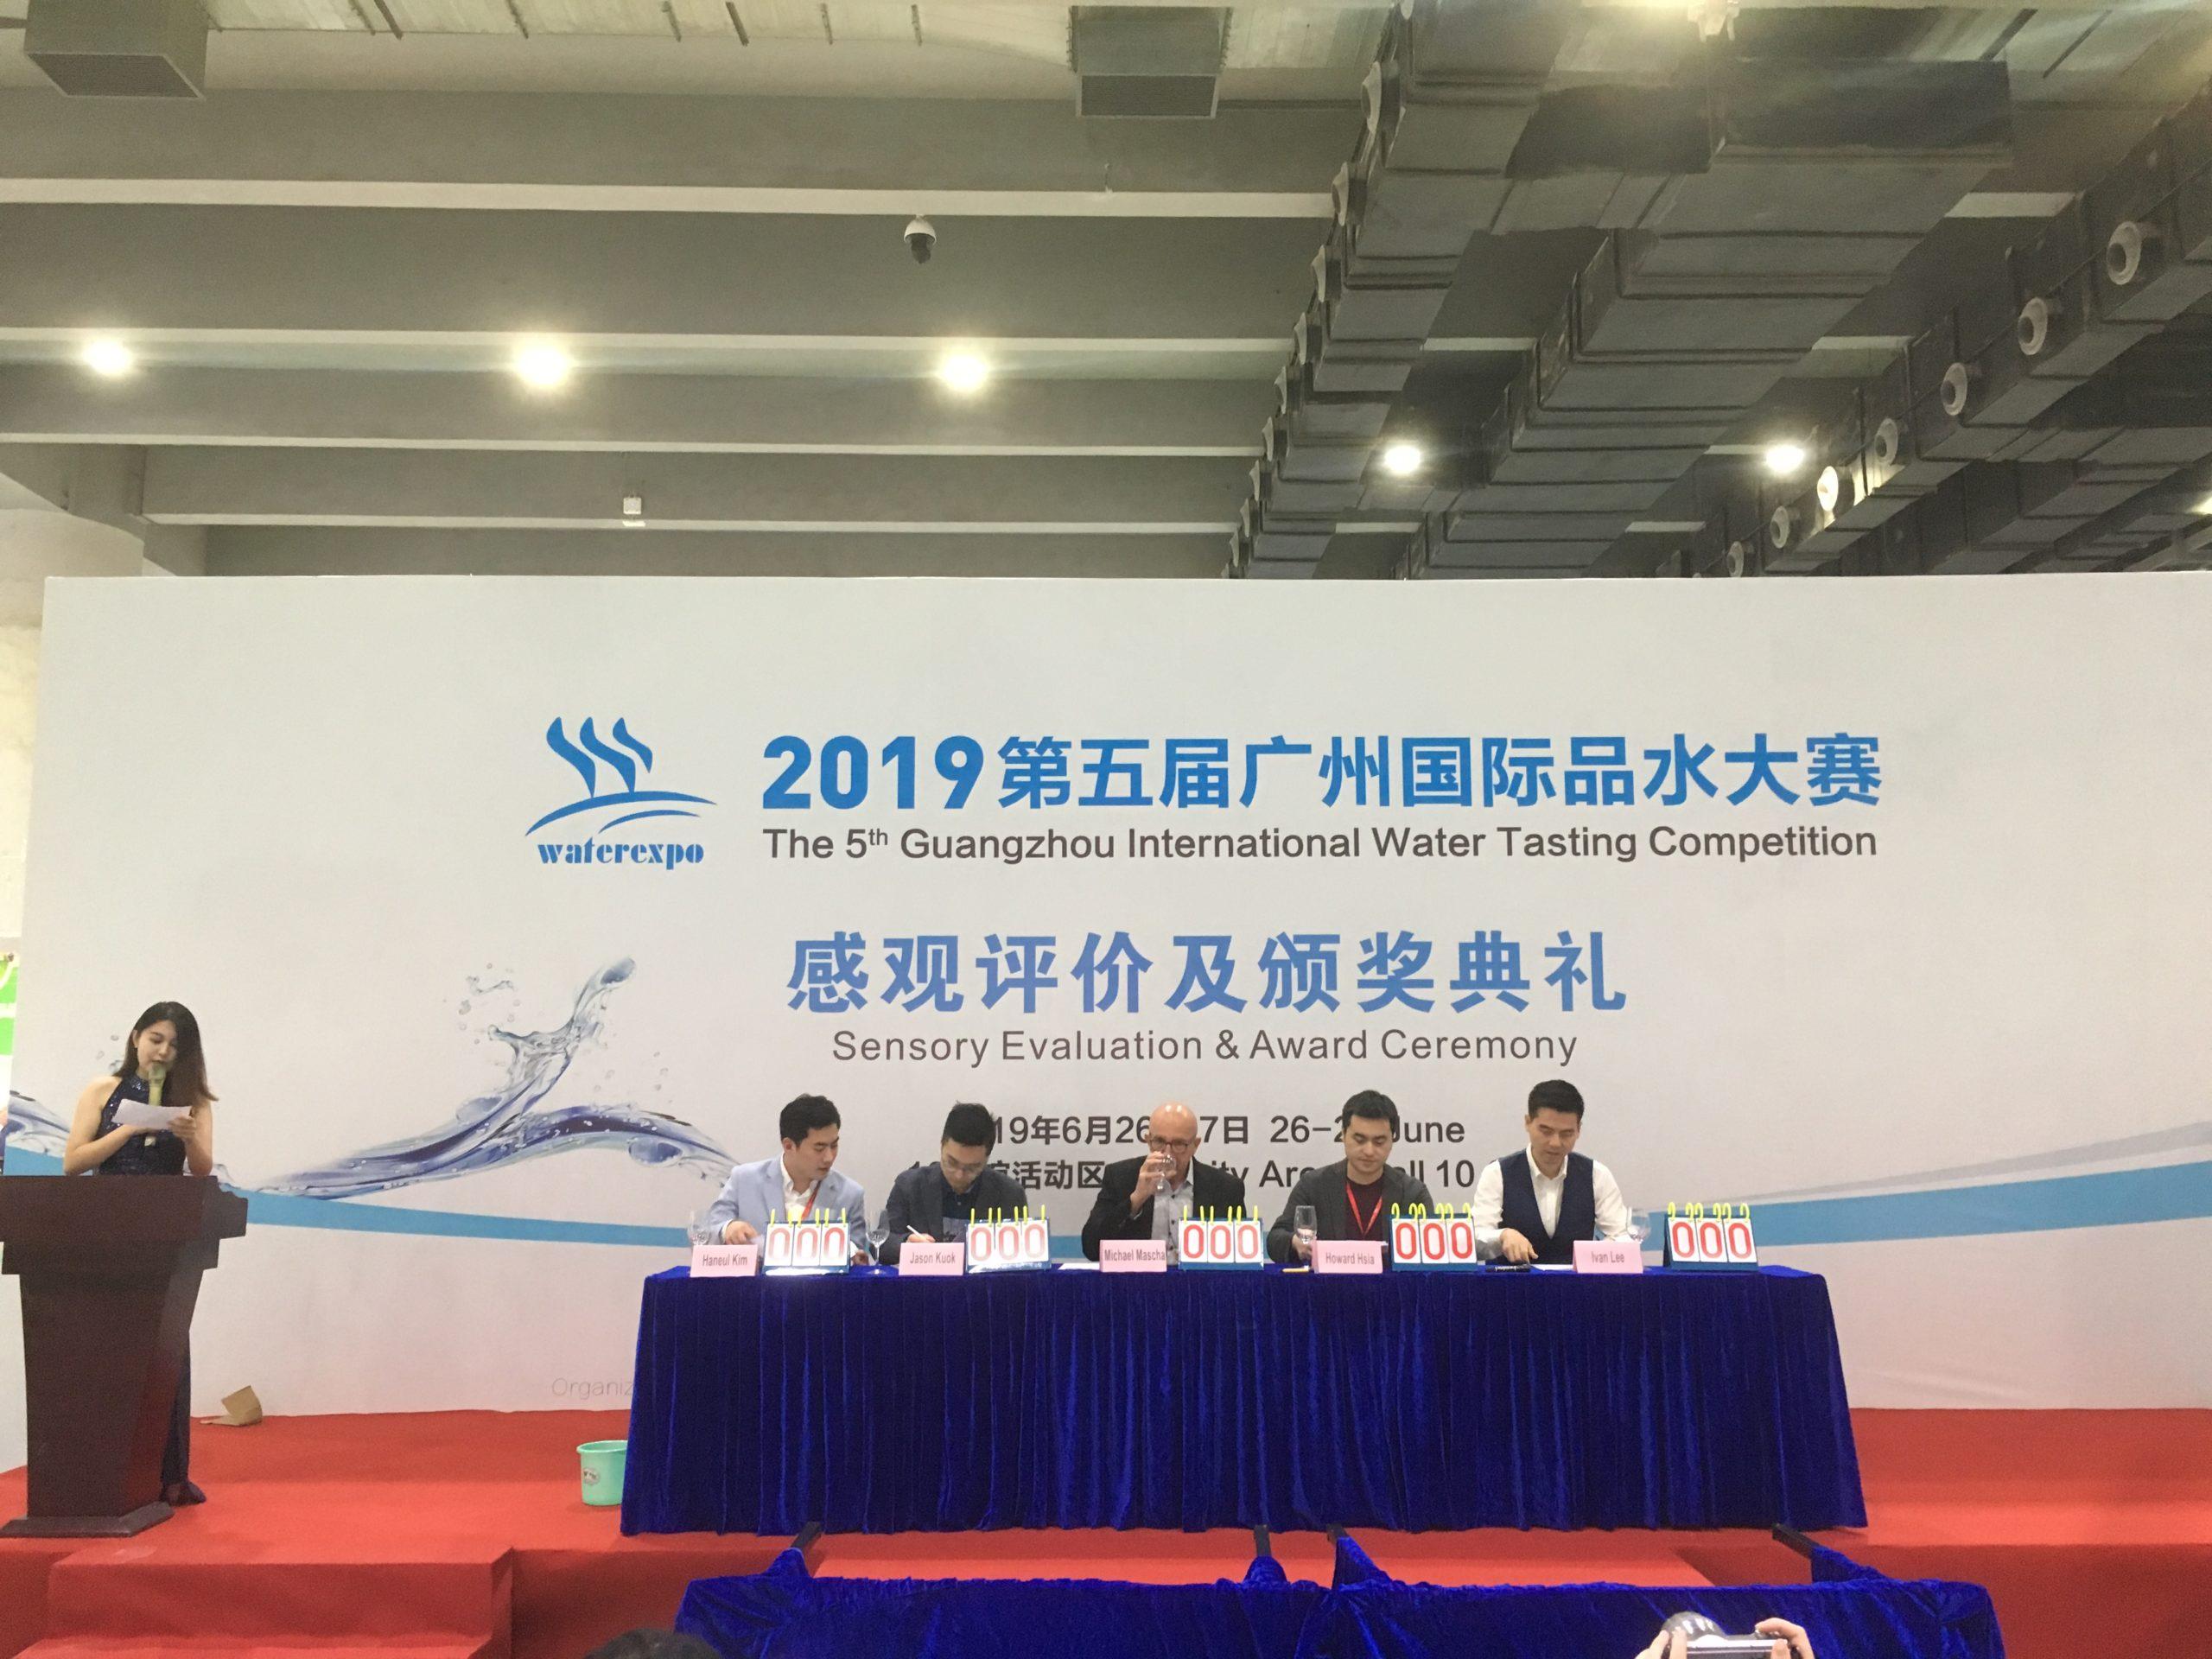 제 5 회 광저우 국제 물시음 대회